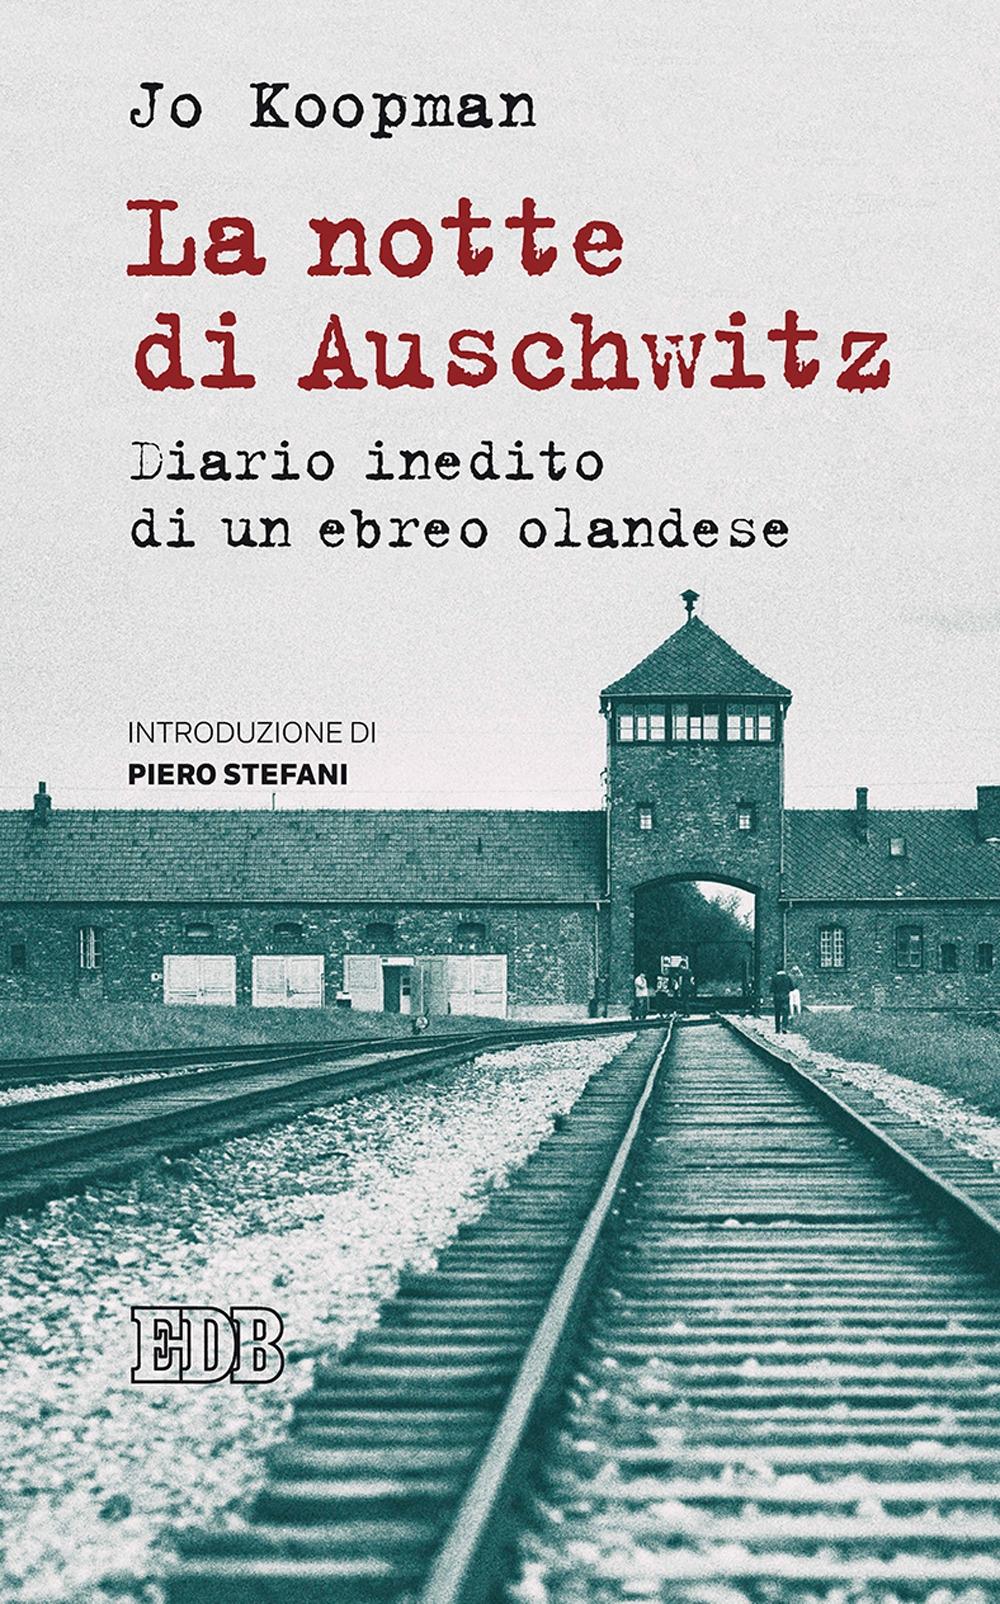 La notte di Auschwitz. Diario inedito di un ebreo olandese